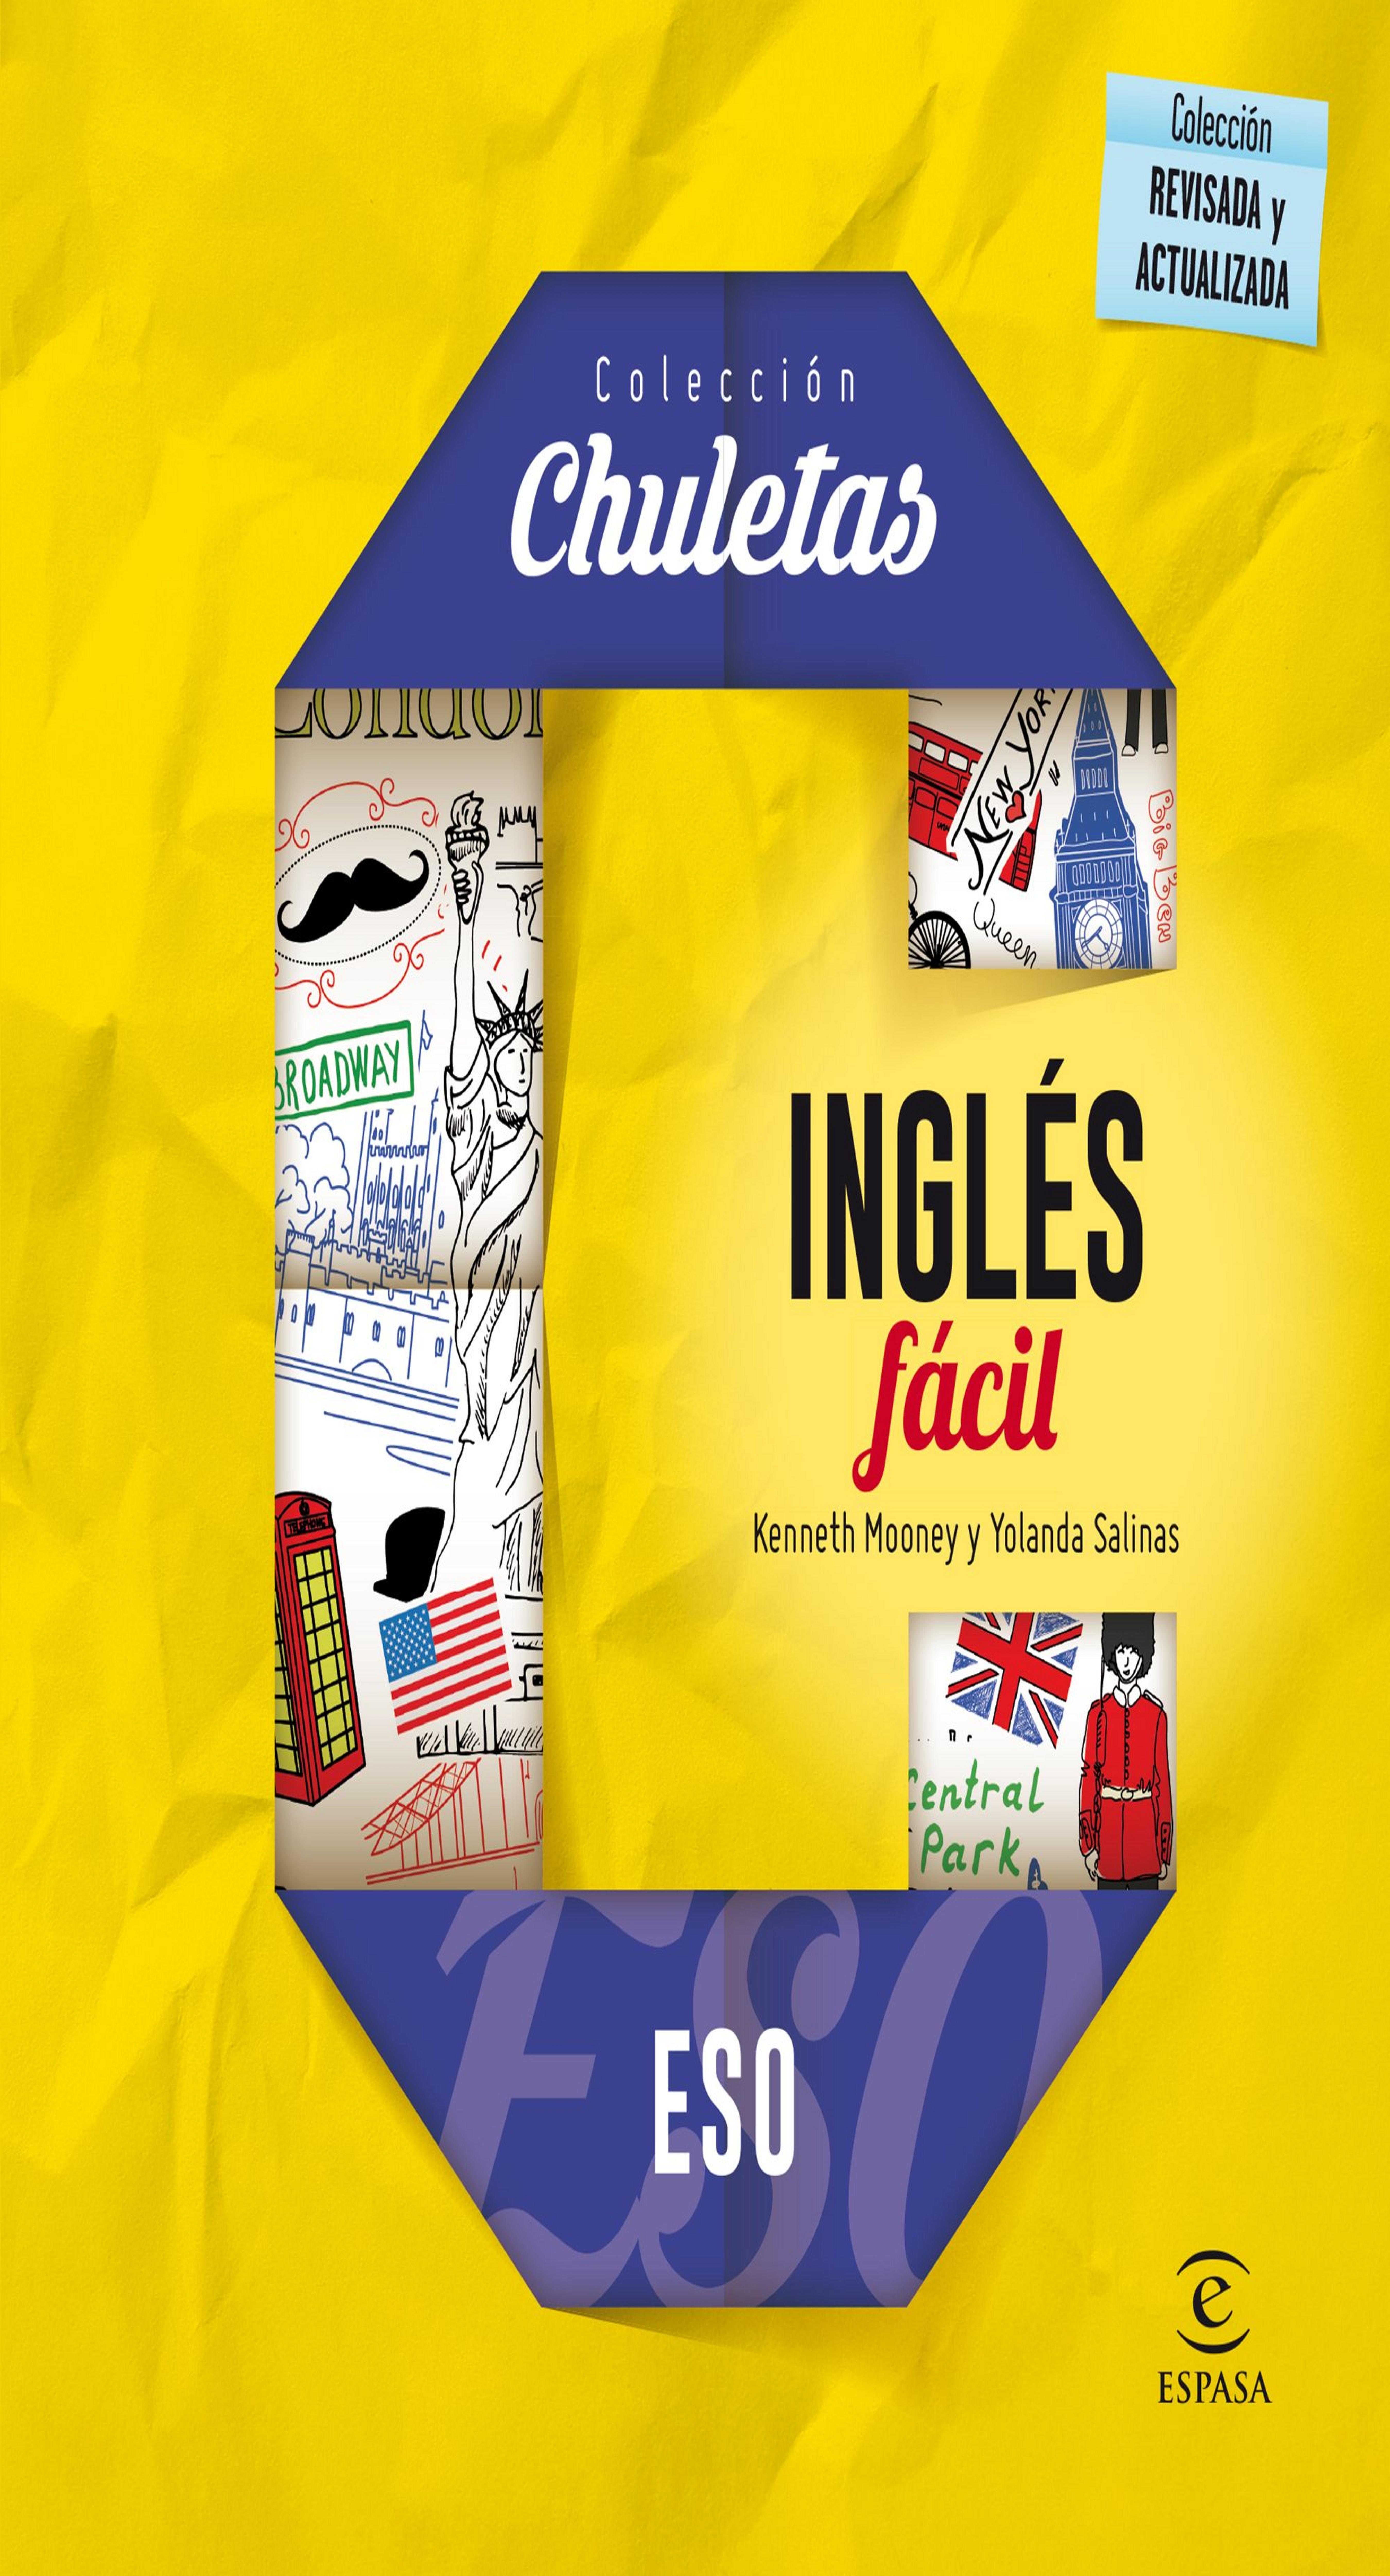 INGLÉS FÁCIL PARA LA ESO - Chuletas